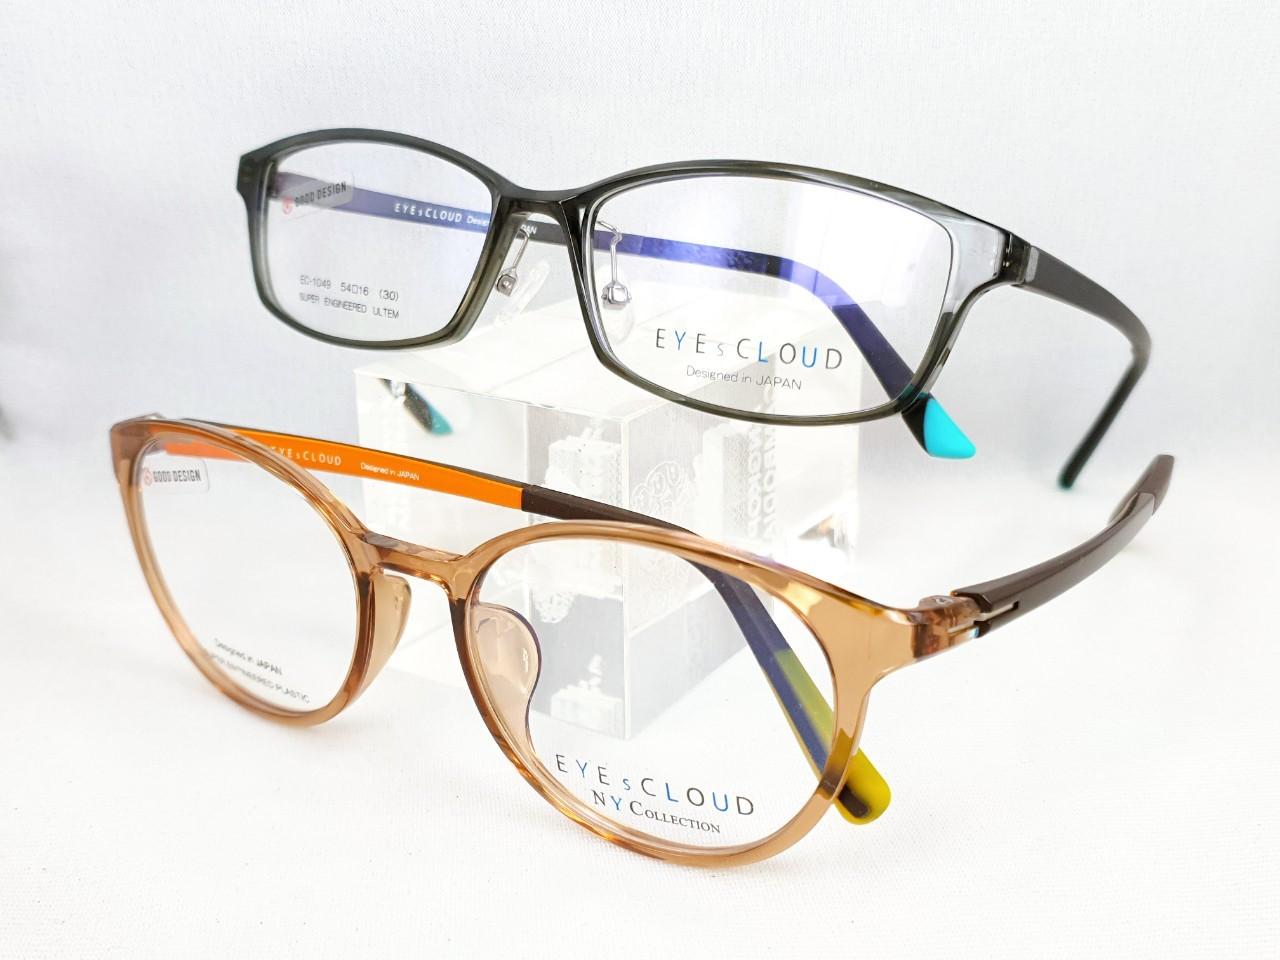 民視眼鏡品牌Eyes cloud_200102_0004